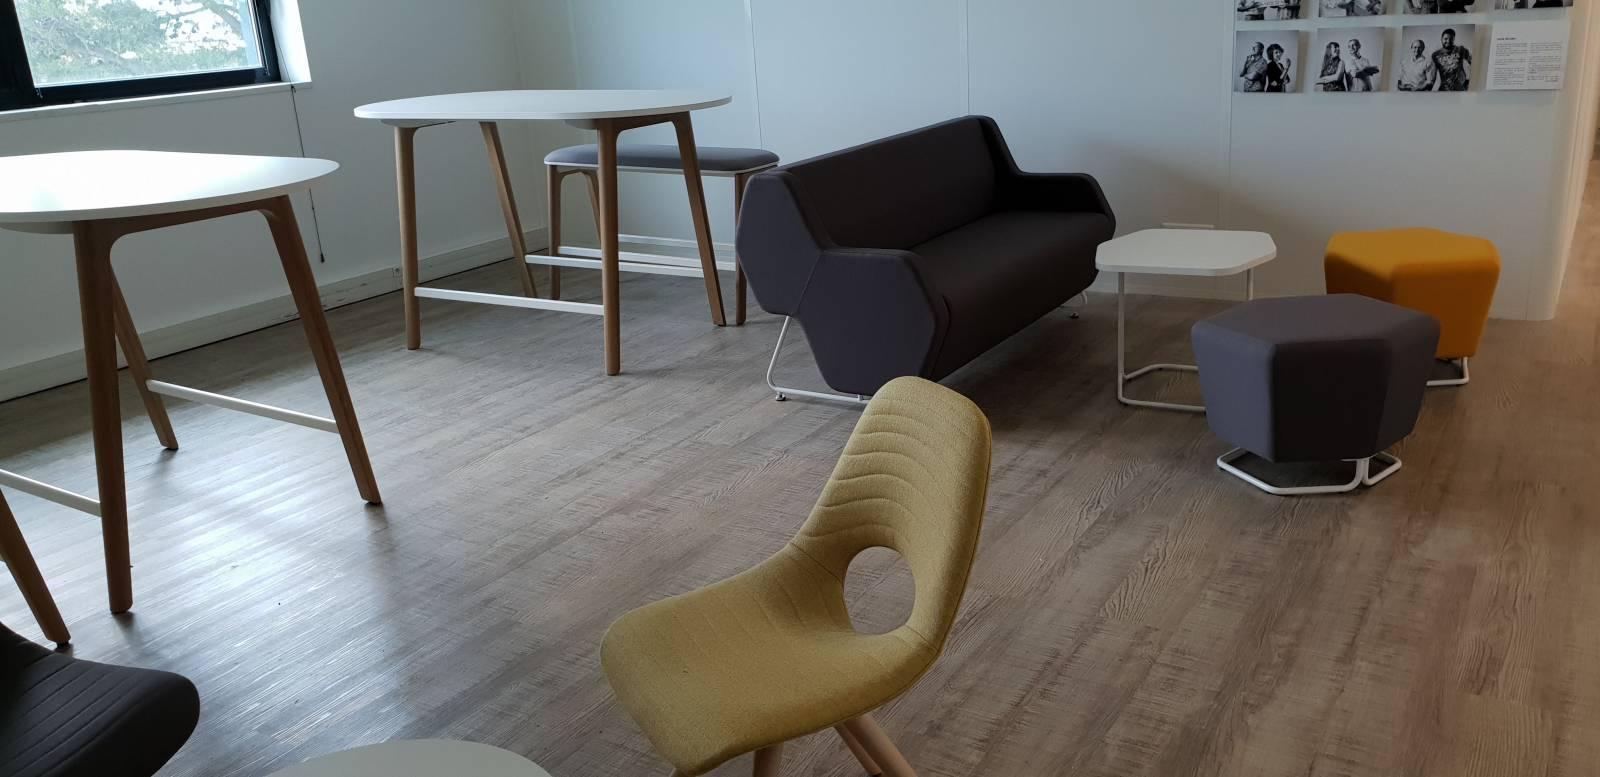 Espace détente et attente avec du mobilier haut de gamme et acoustique sur marseille